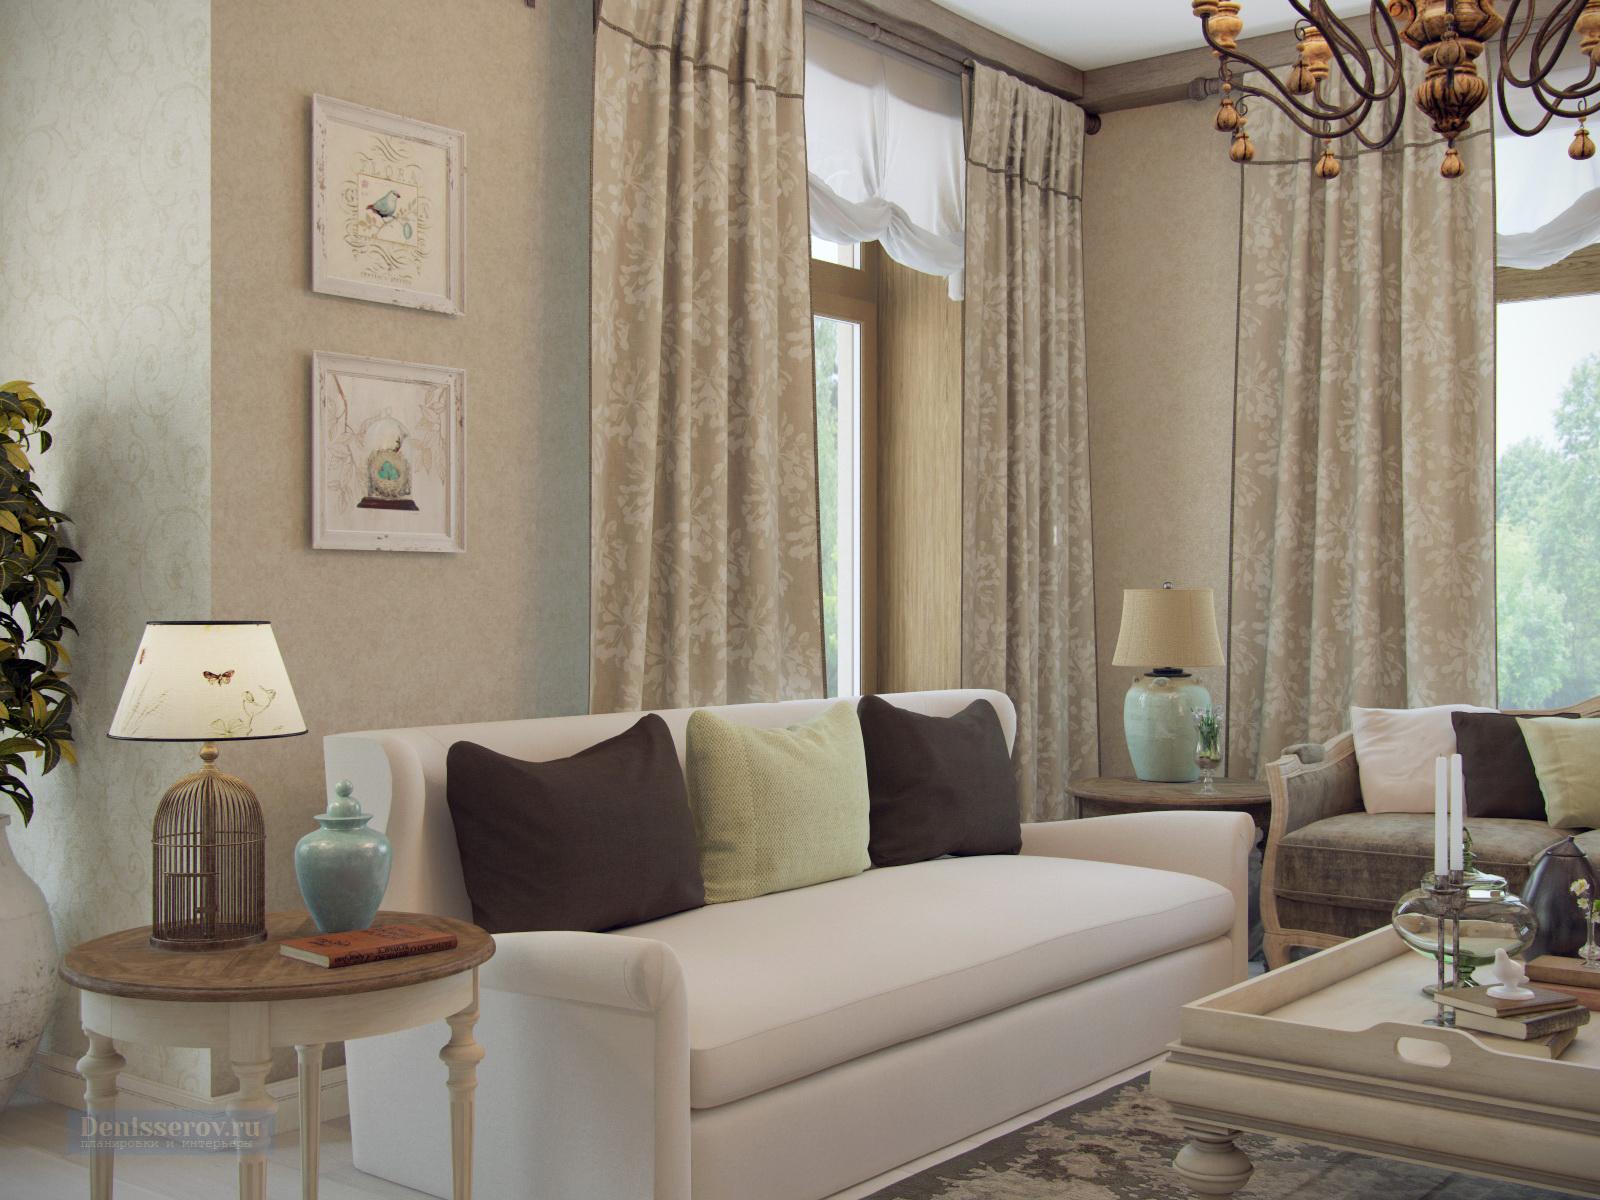 гостиная в коттедже в стиле прованс